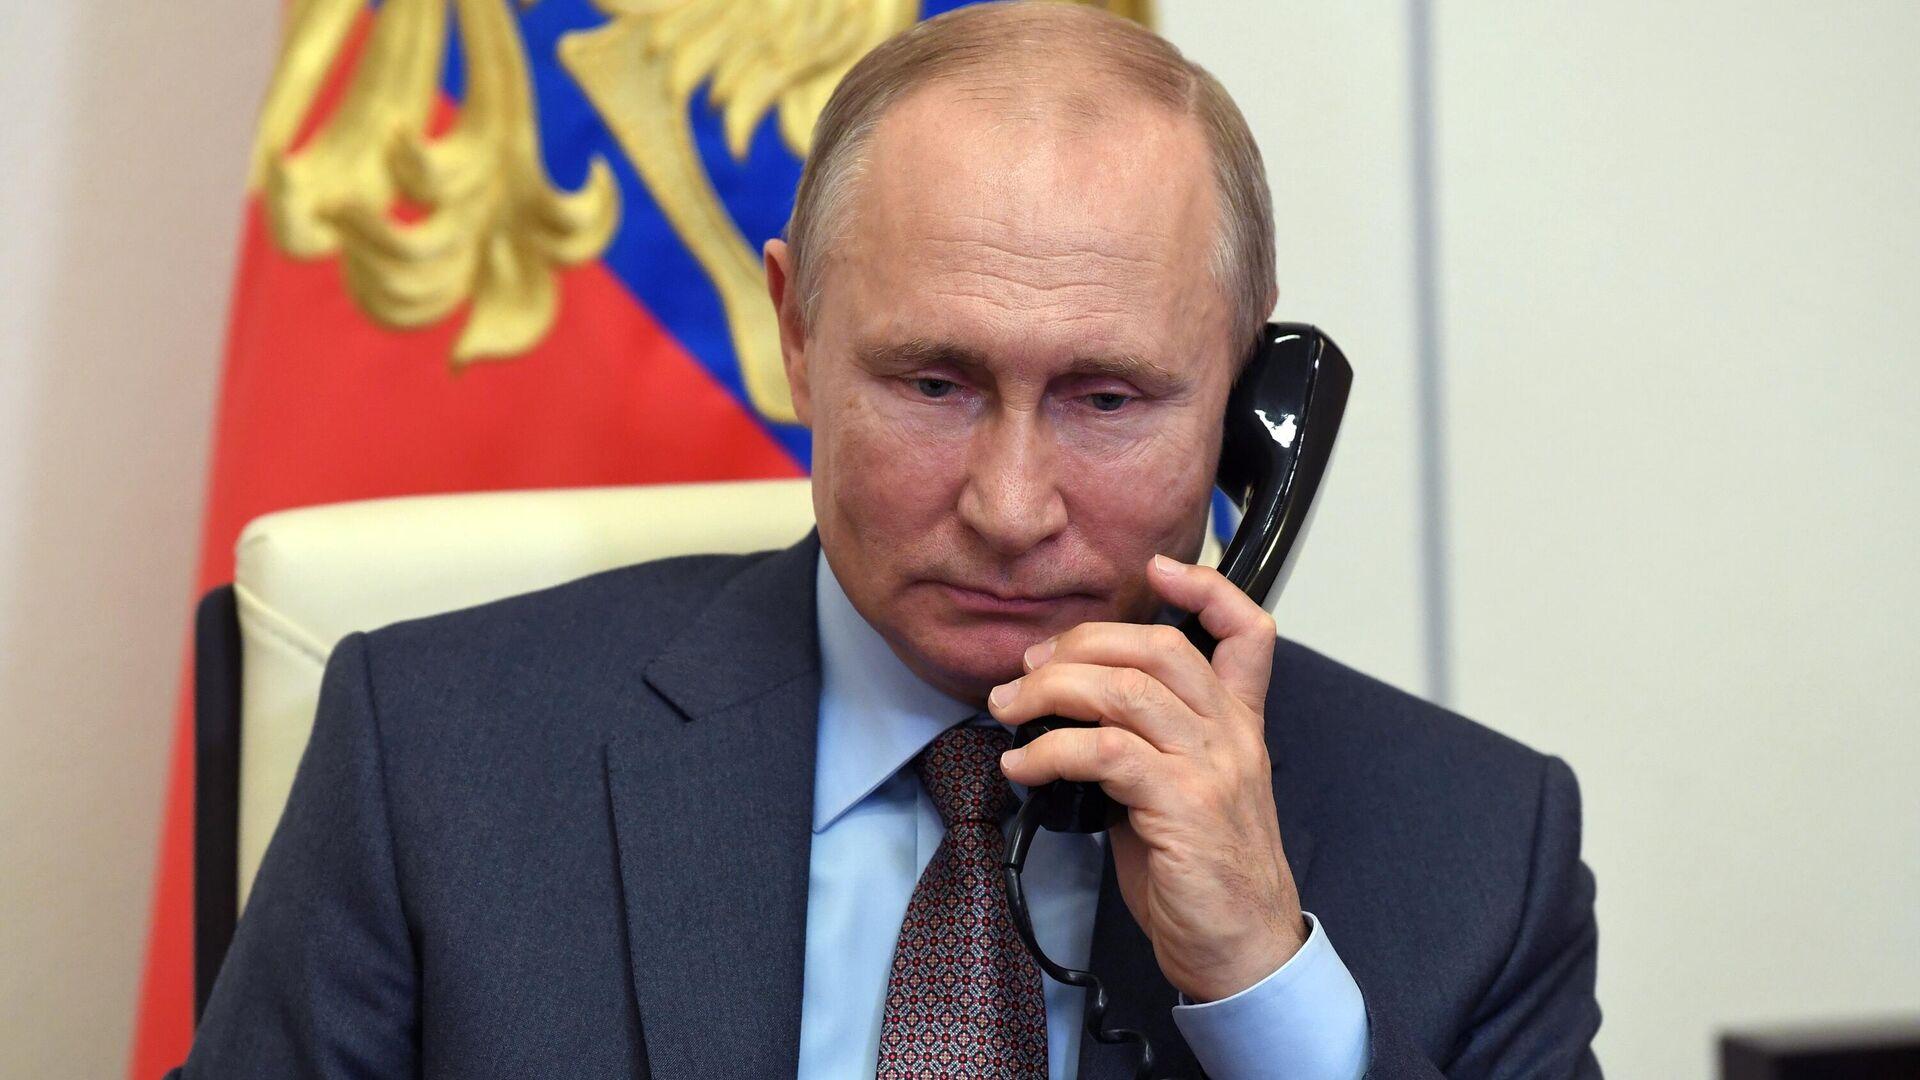 Президент РФ Владимир Путин во время телефонной беседы - Sputnik Латвия, 1920, 07.06.2021